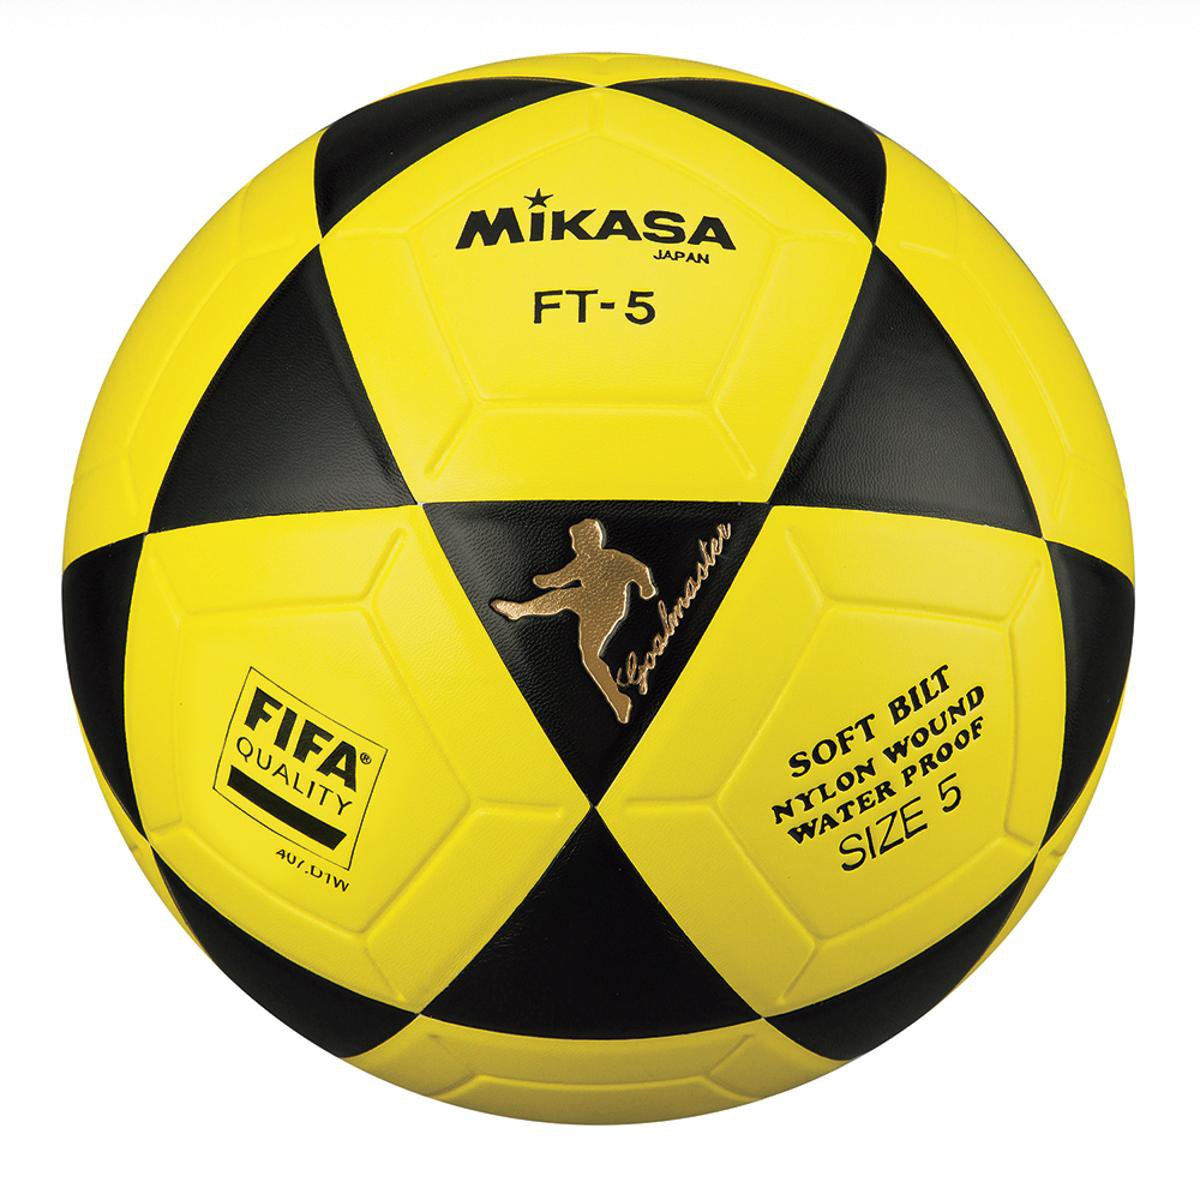 13af234f09 Bola Oficial de Futevôlei FT-5 Padrão FIFA Mikasa - Compre Agora ...